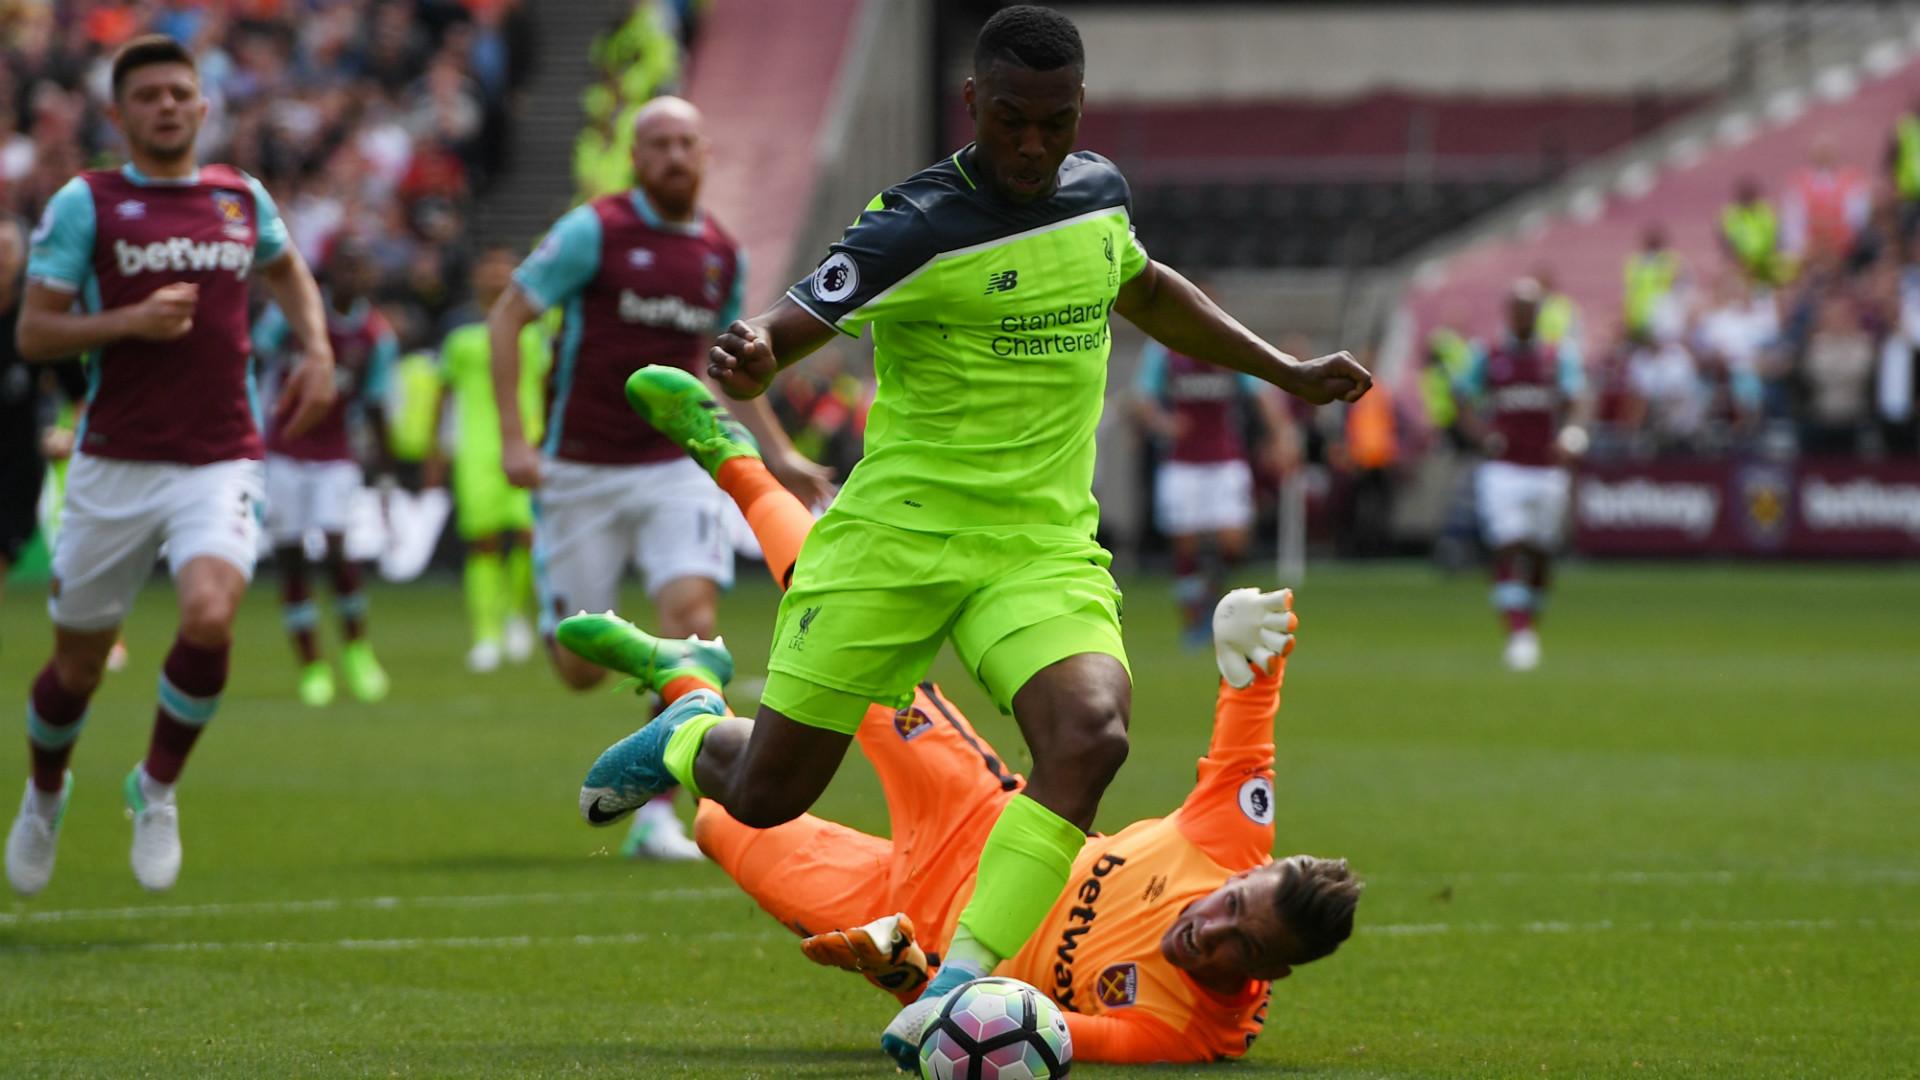 Daniel Sturridge West Ham Liverpool Premier League